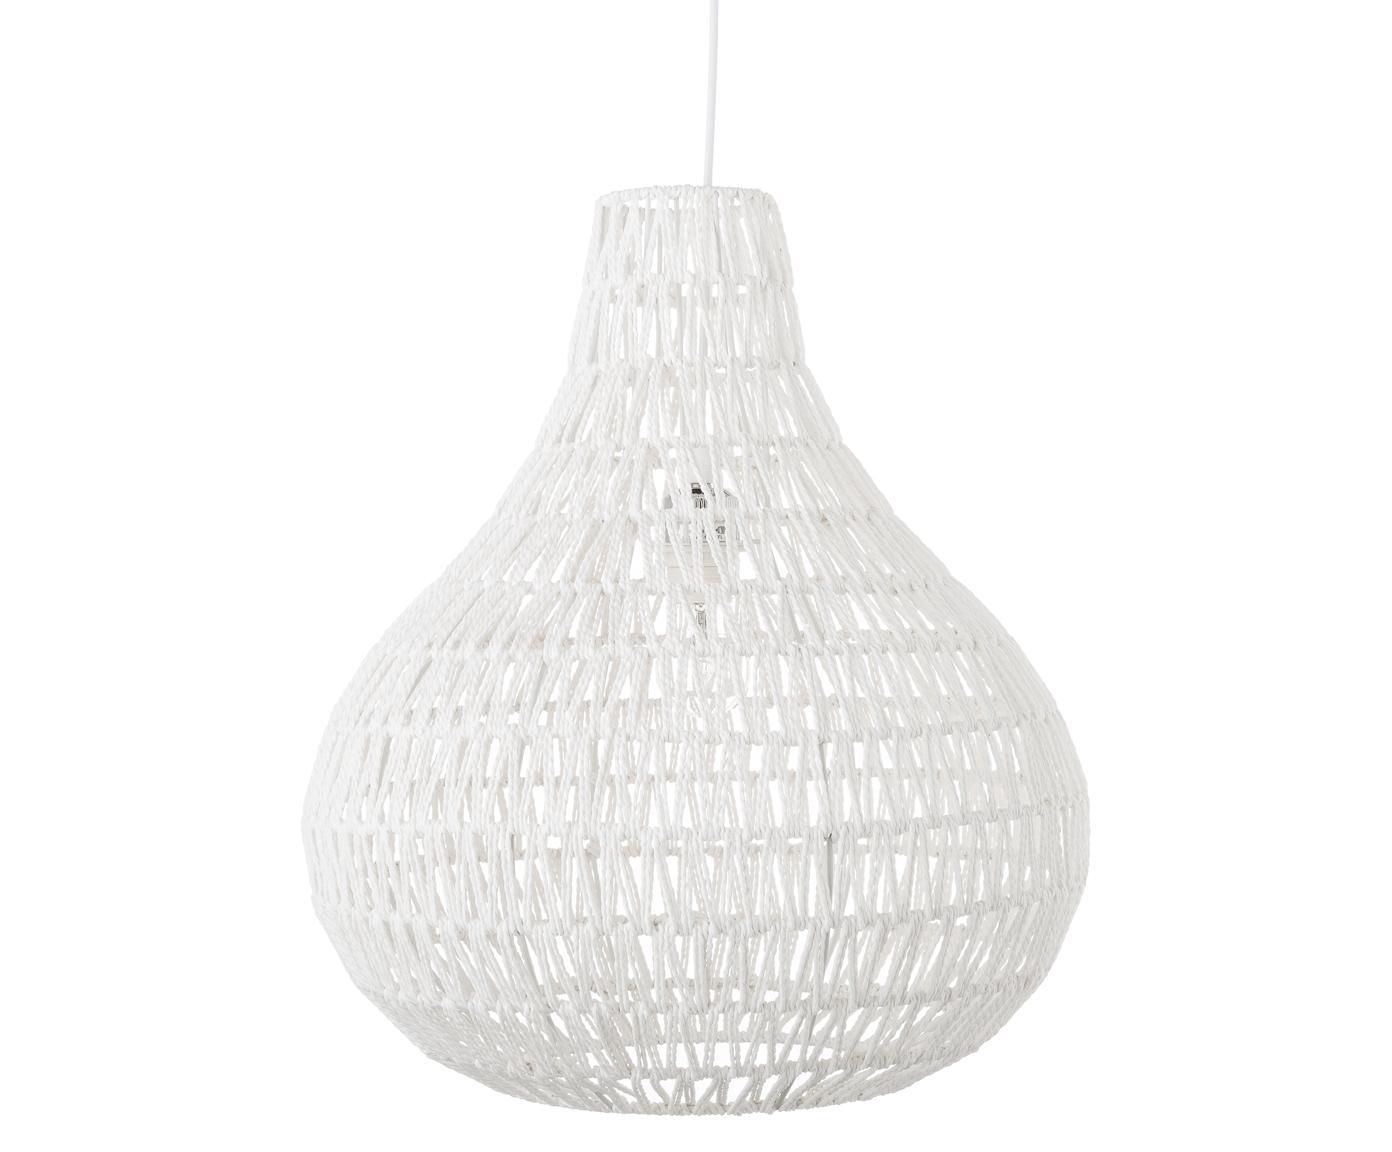 Lampada a sospensione in tessuto Cable, Tessuto, metallo, Bianco, Ø 45 x Alt. 51 cm